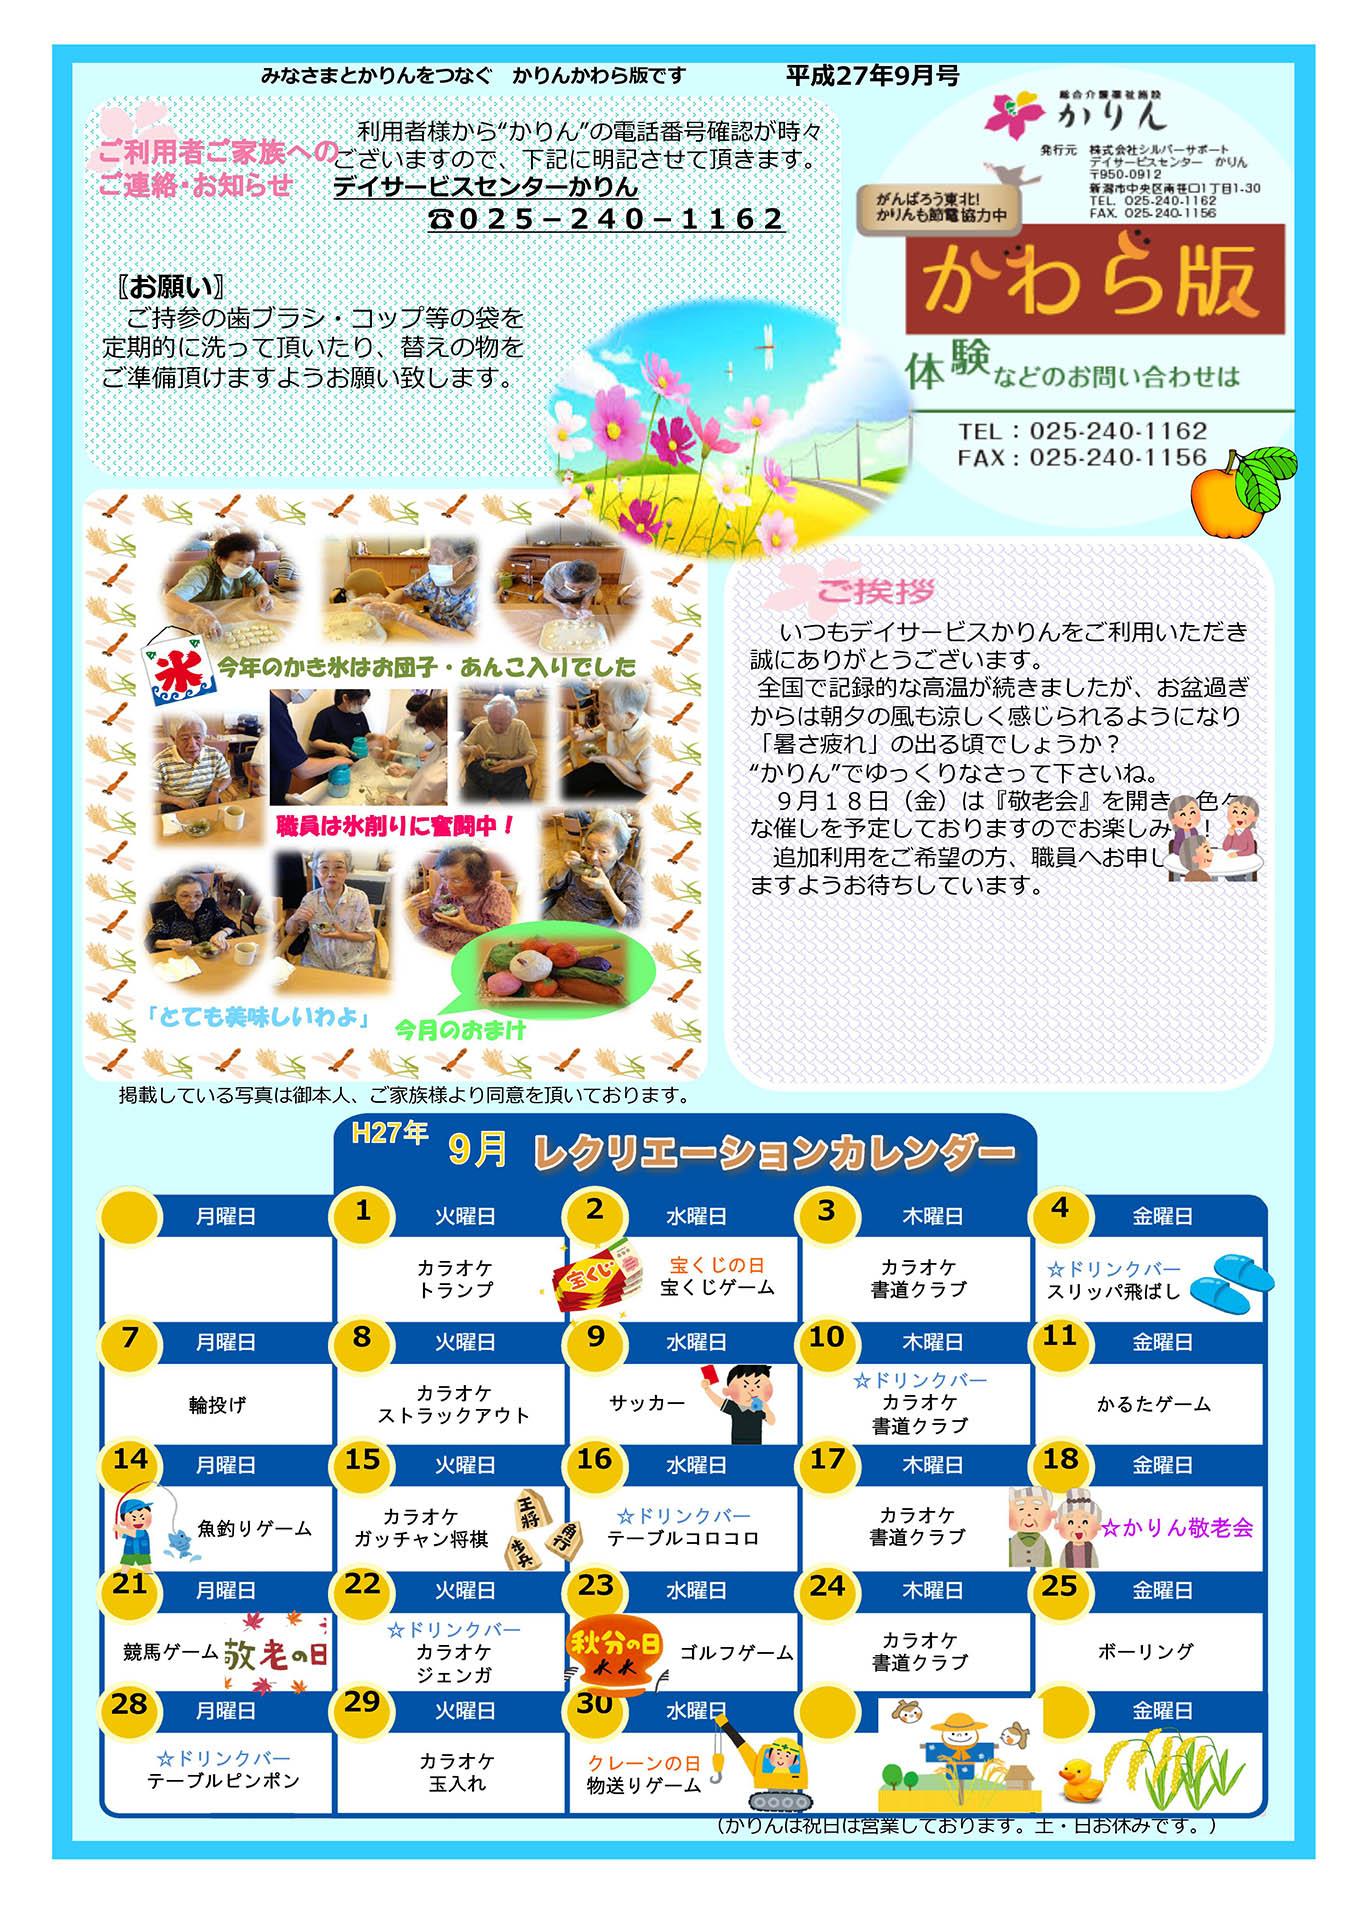 201509月かわら版「かりん敬老会」表